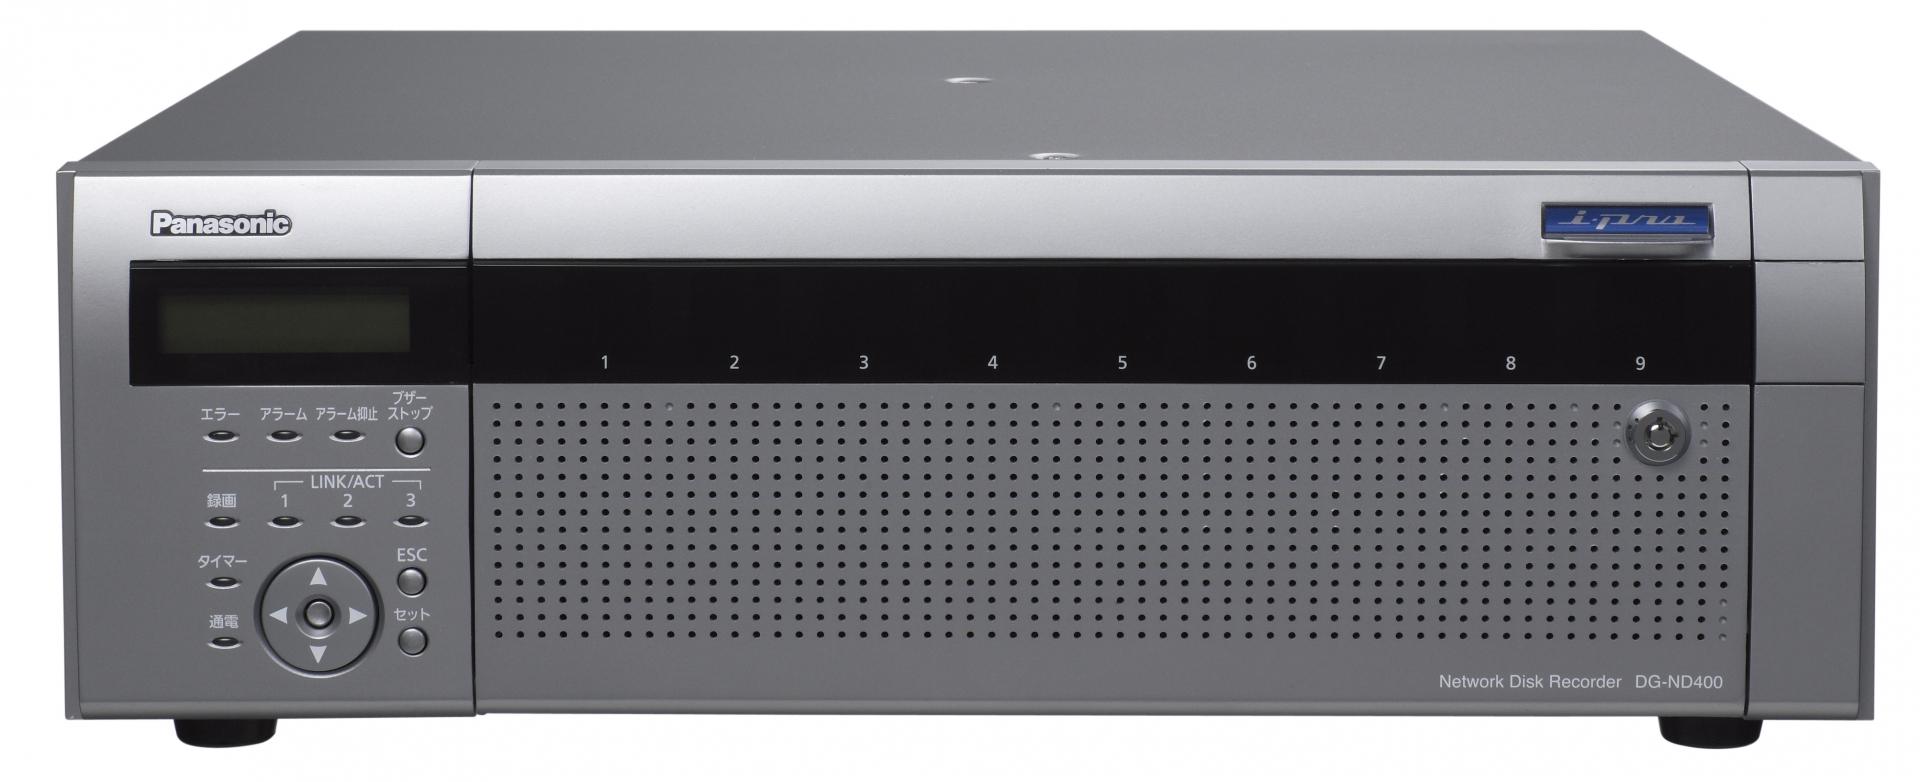 Gravador de disco de rede WJ-ND400 (versão 2) Panasonic